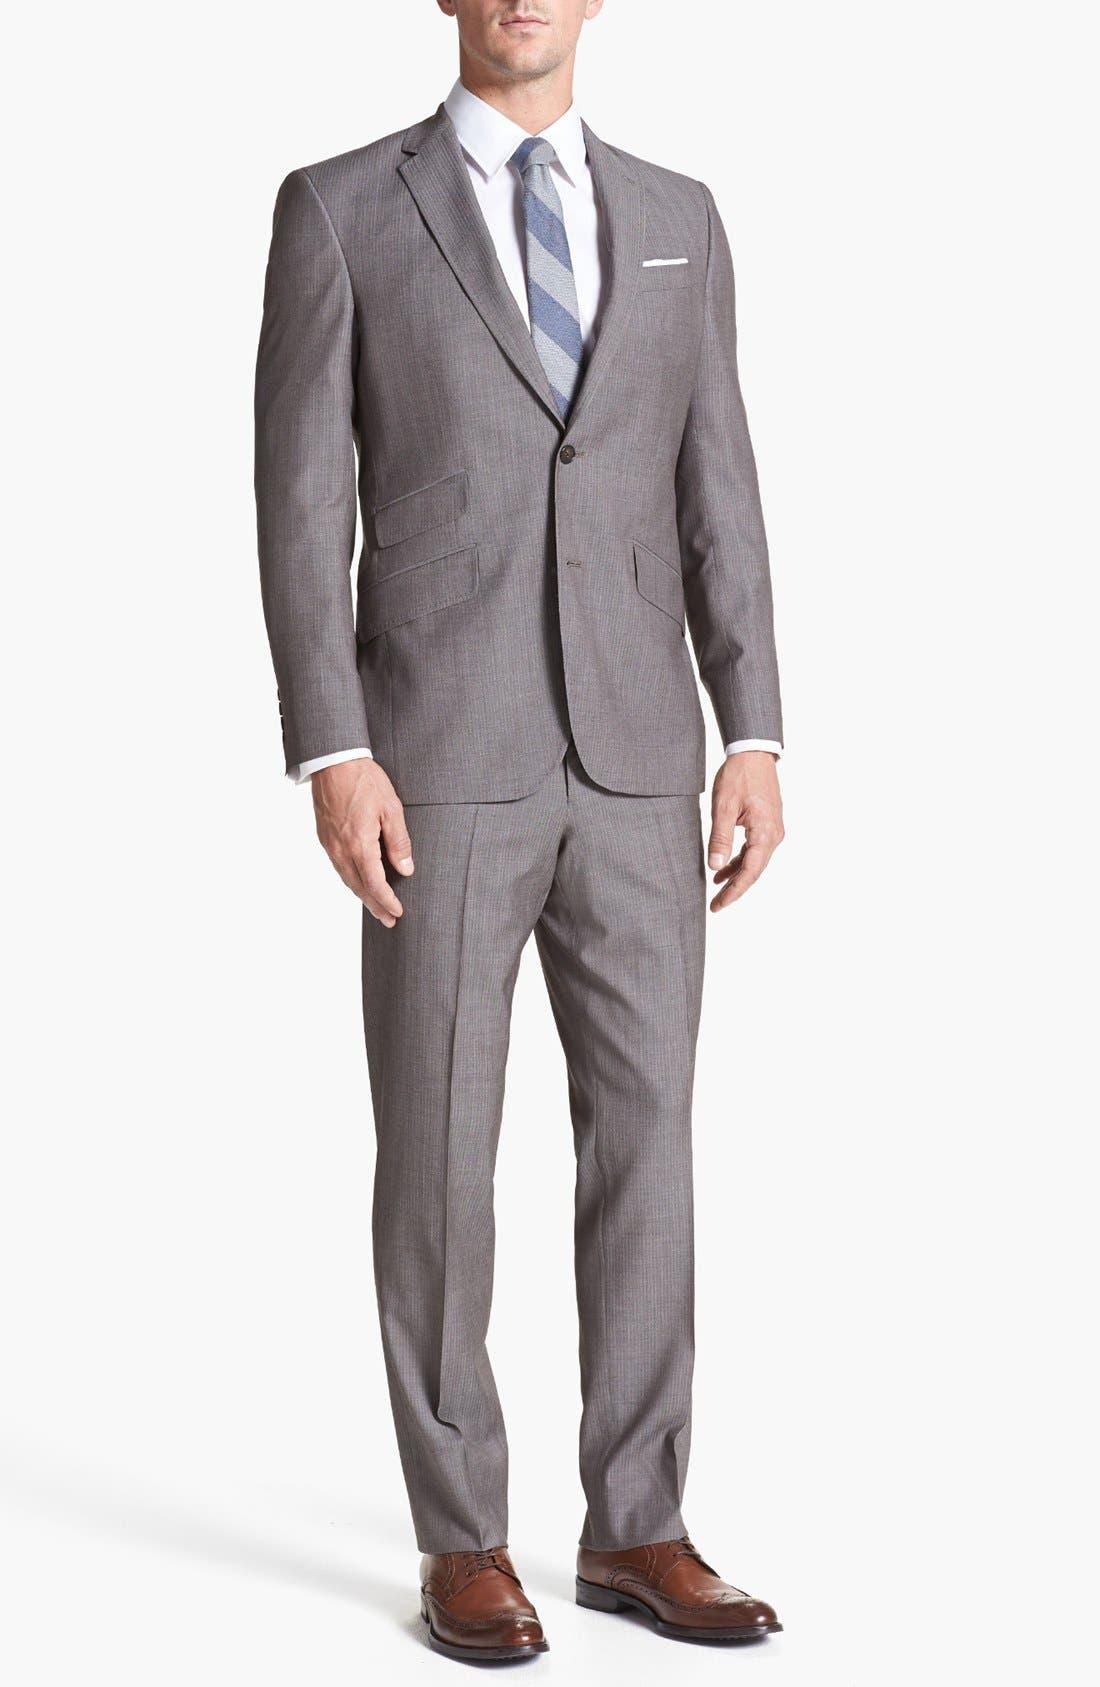 Main Image - Ted Baker London 'Jim' Tan Herringbone Wool Suit